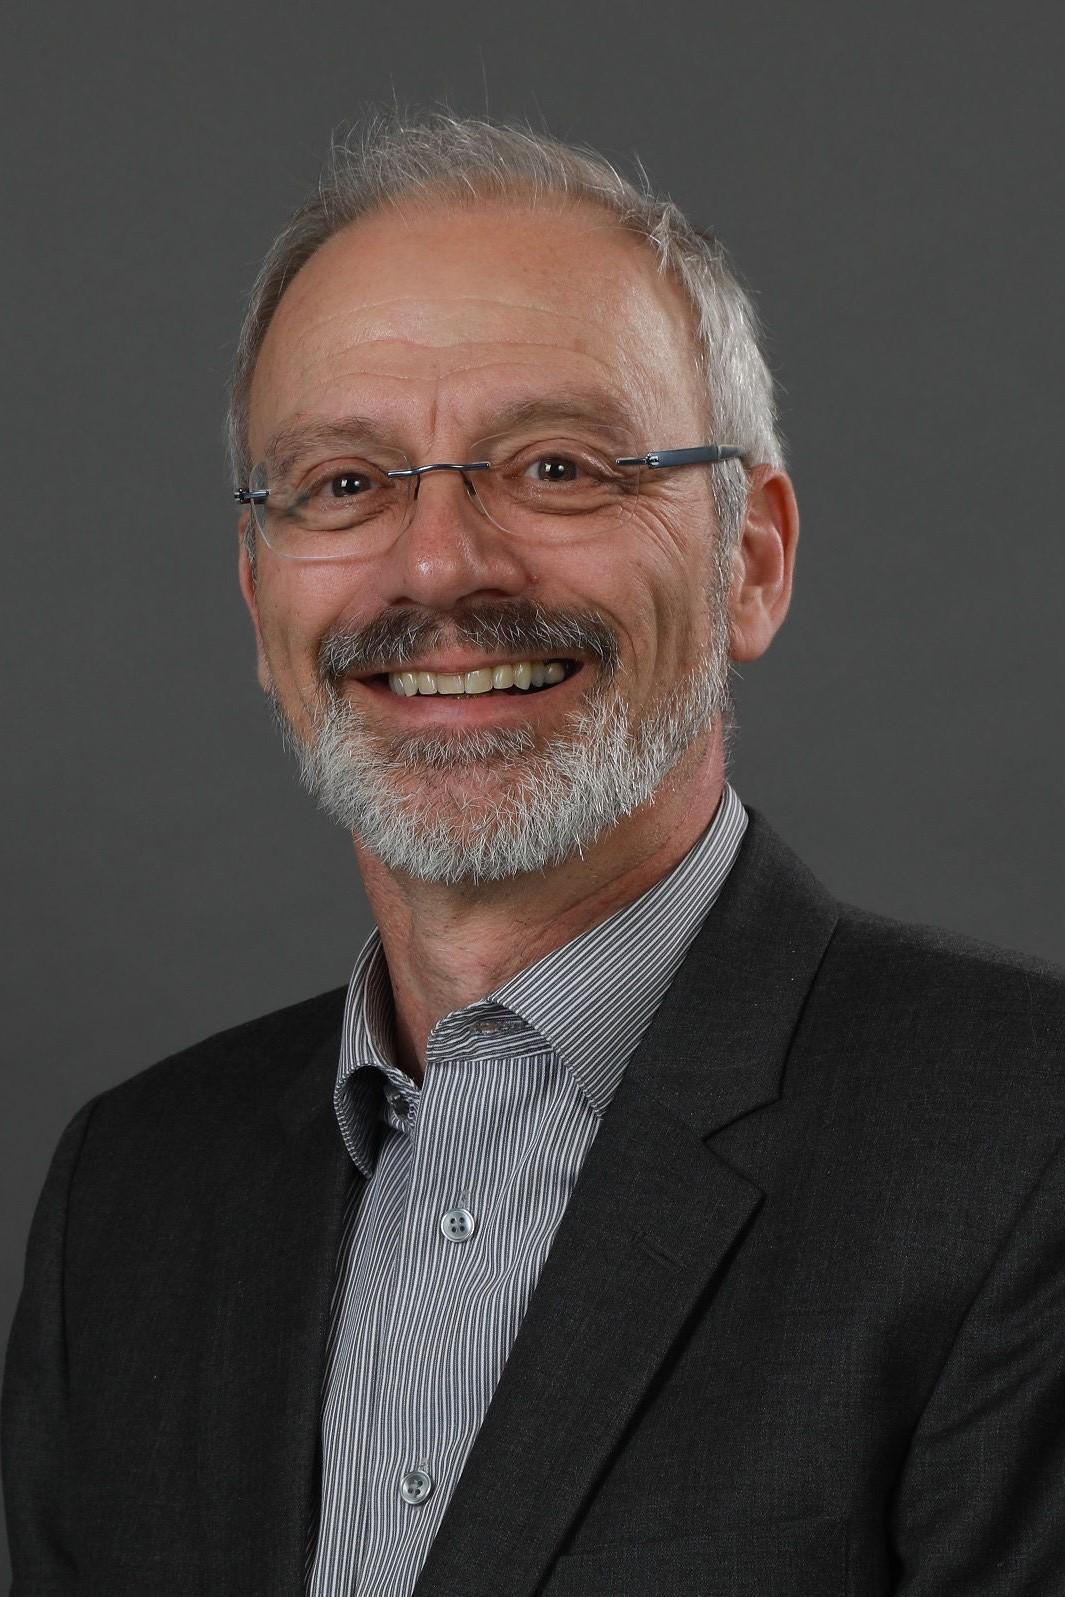 John(ny) Van Aerde